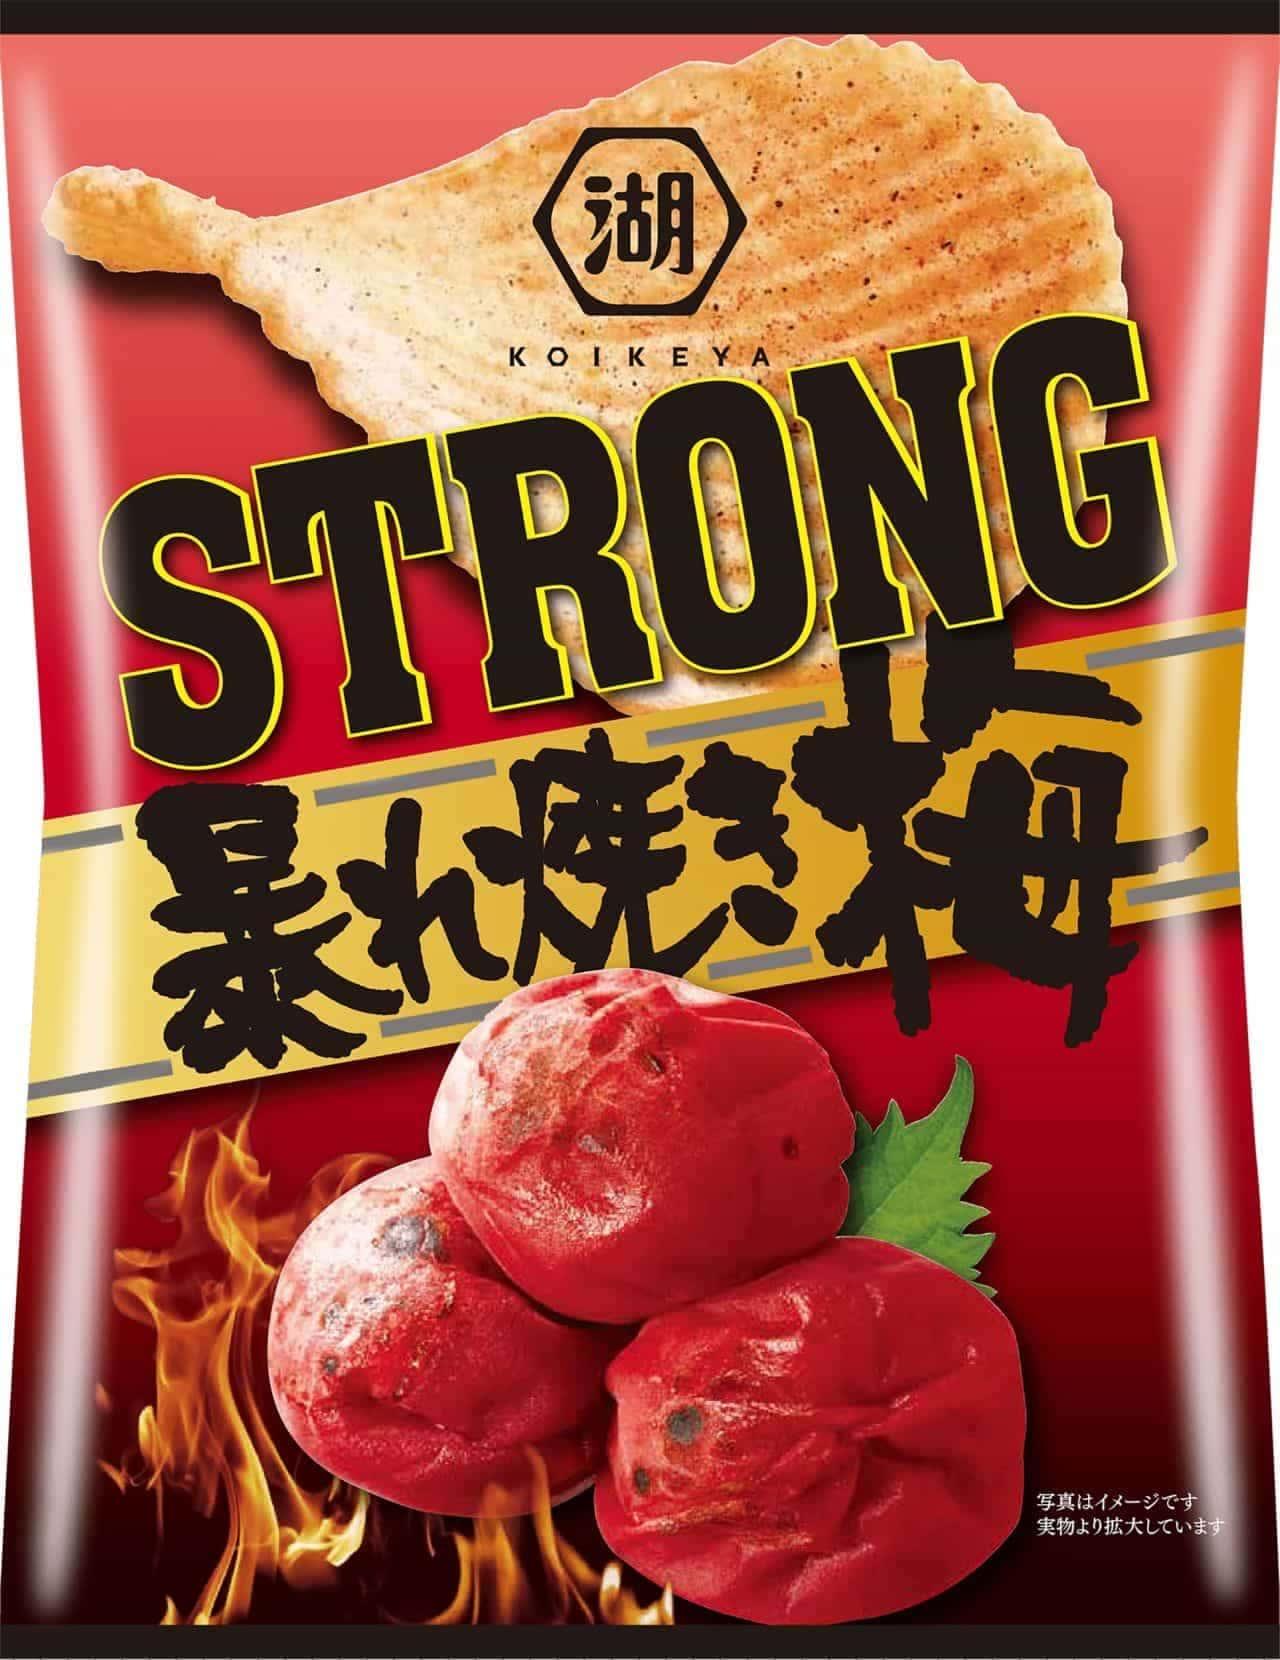 湖池屋「KOIKEYA STRONG ポテトチップス 暴れ焼き梅」